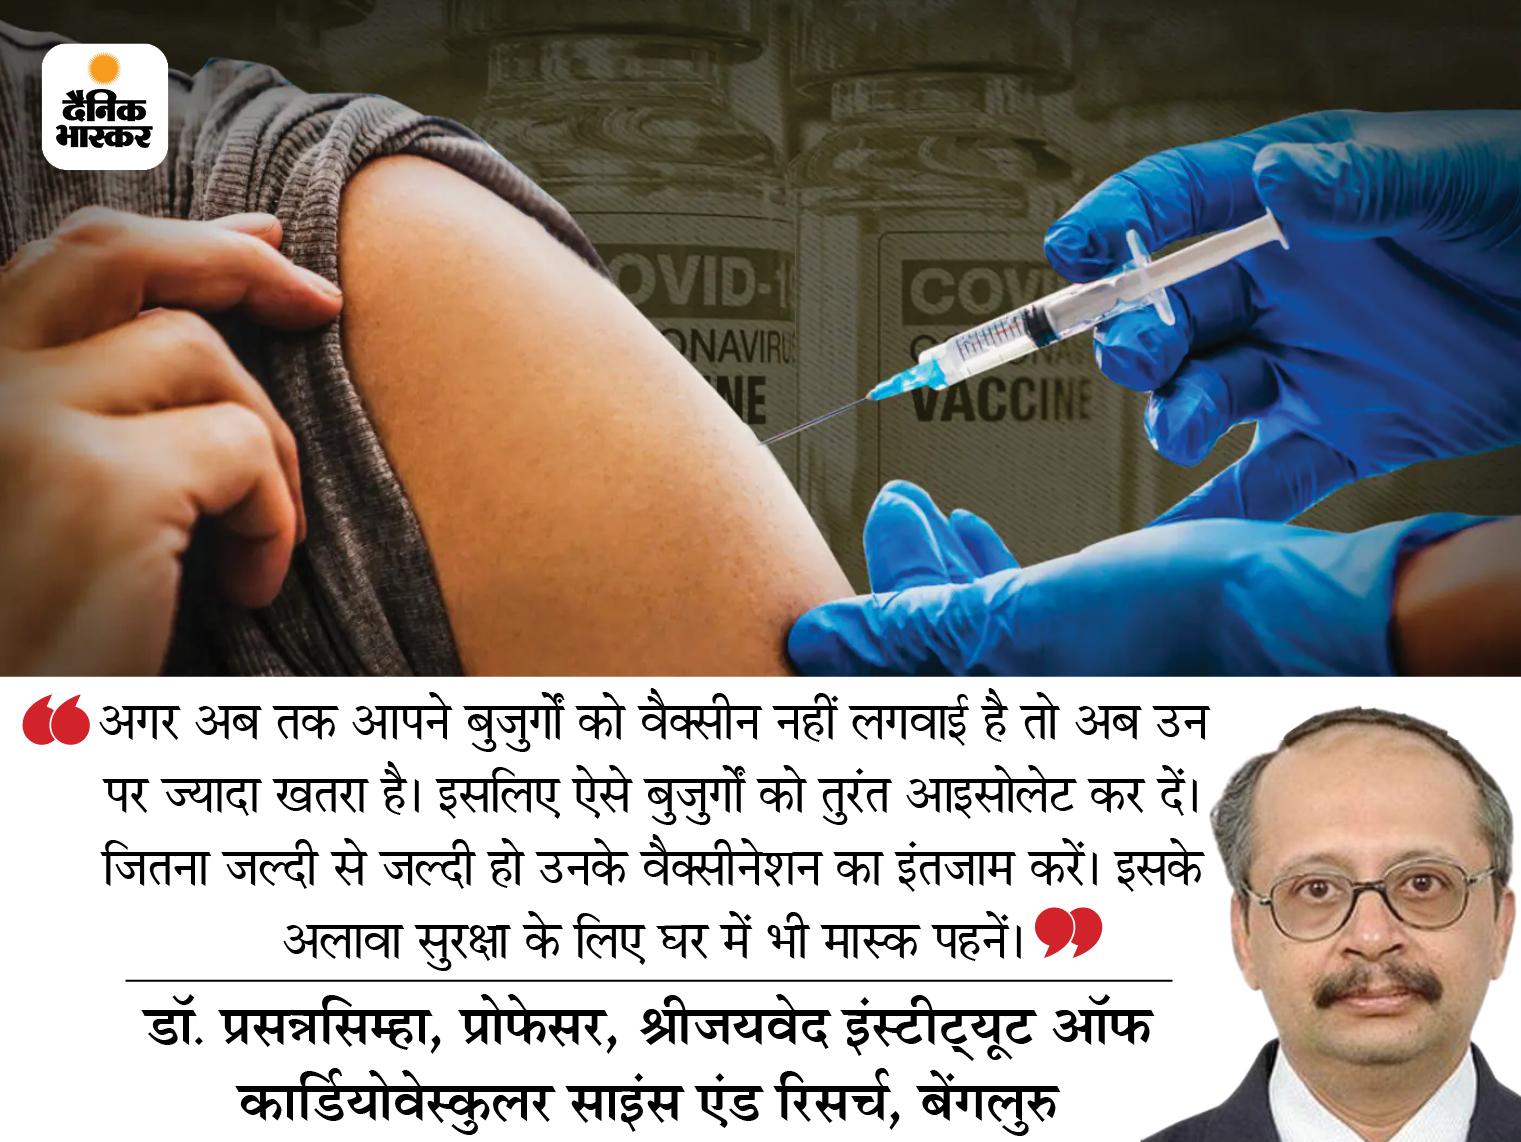 एक्सपर्ट बोले- मौका मिलने पर भी वैक्सीन न लगवाने वाले इस हालात के लिए जिम्मेदार, इन्होंने दूसरे मरीजों के बेहतर इलाज का हक छीना|देश,National - Dainik Bhaskar